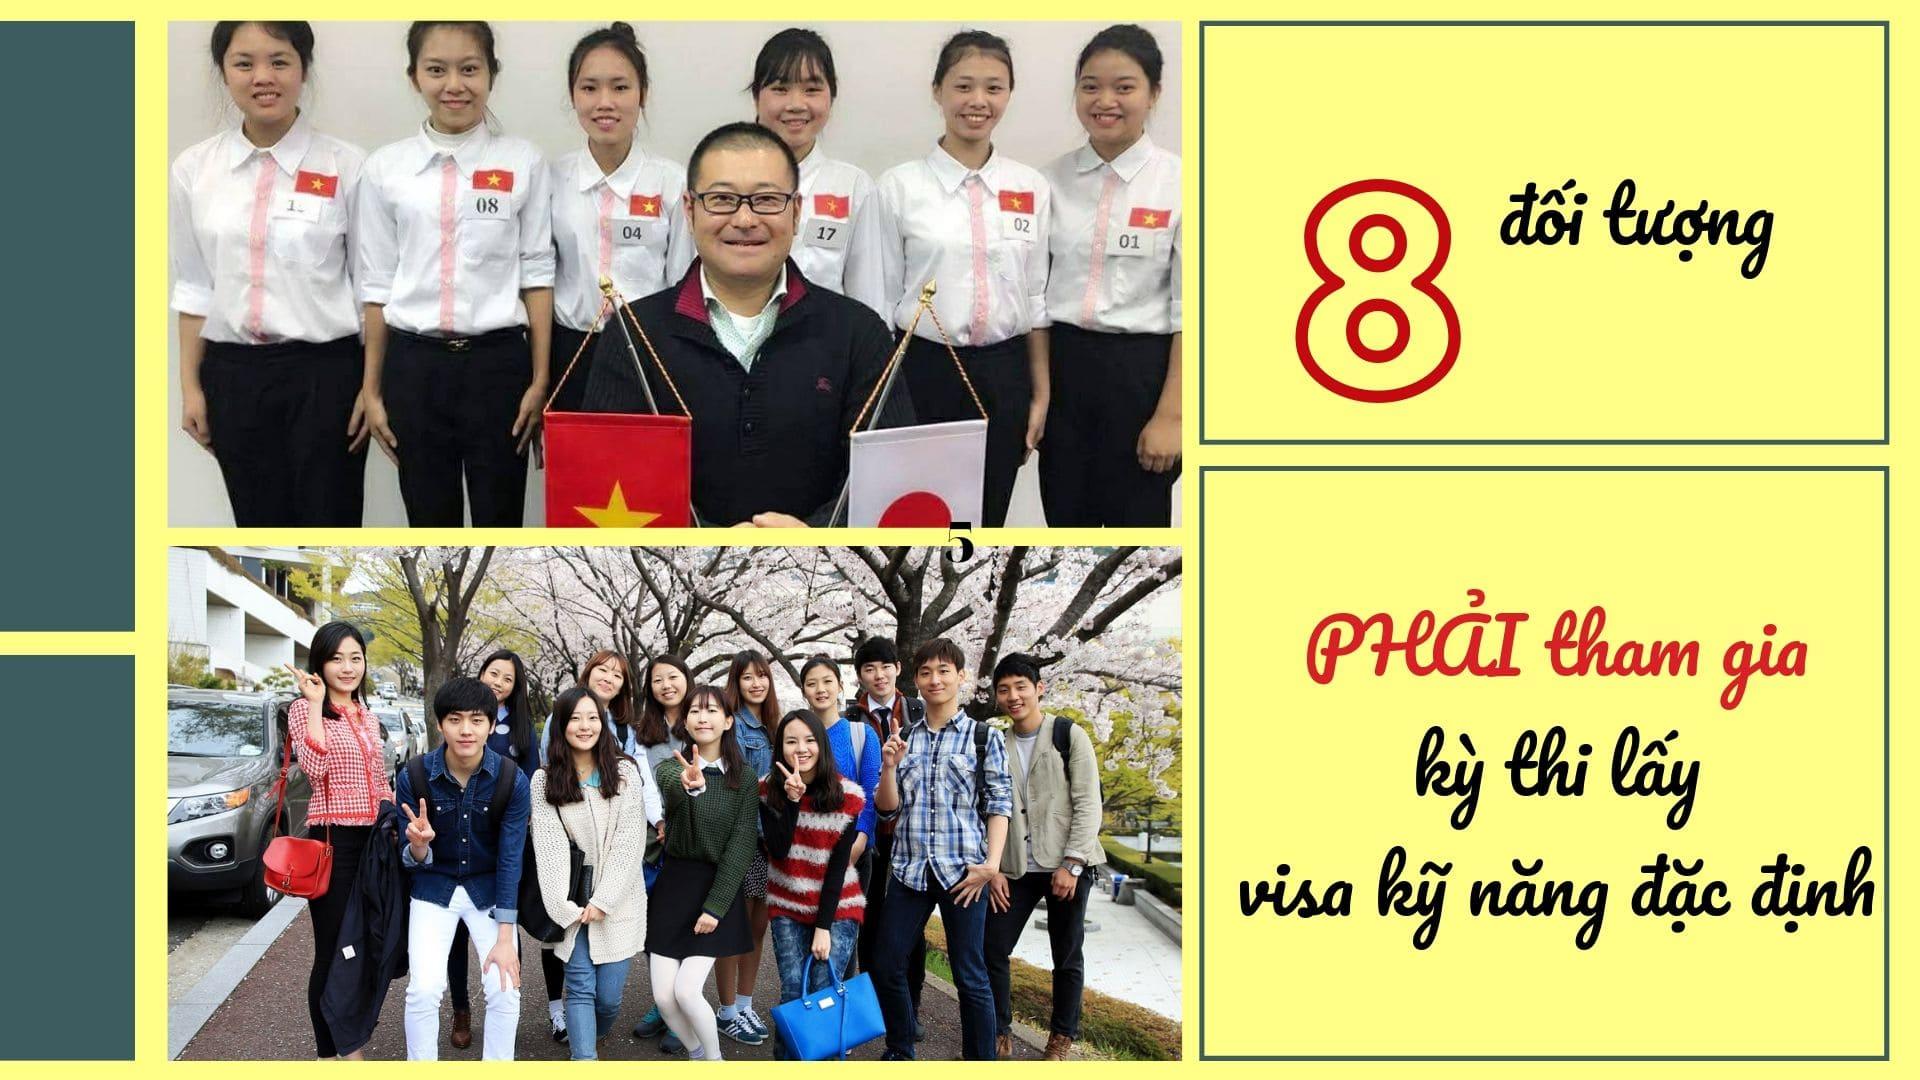 8 đối tượng PHẢI tham gia kỳ thi lấy visa kỹ năng đặc định Nhật Bản